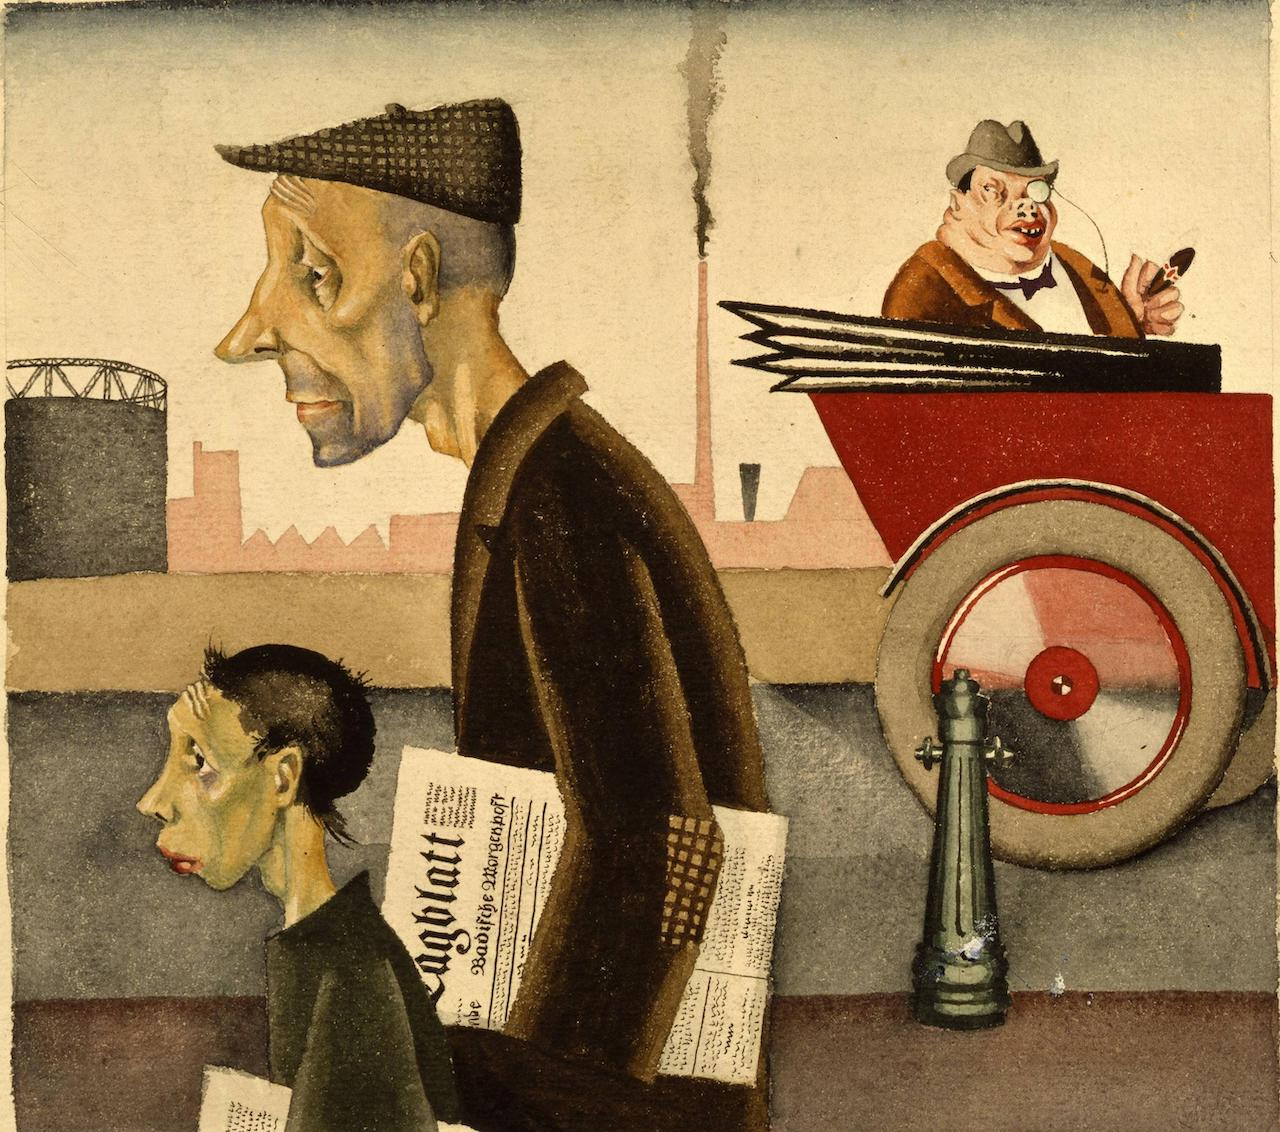 Georg Scholz. Arbeit schändet. 1920/1921.